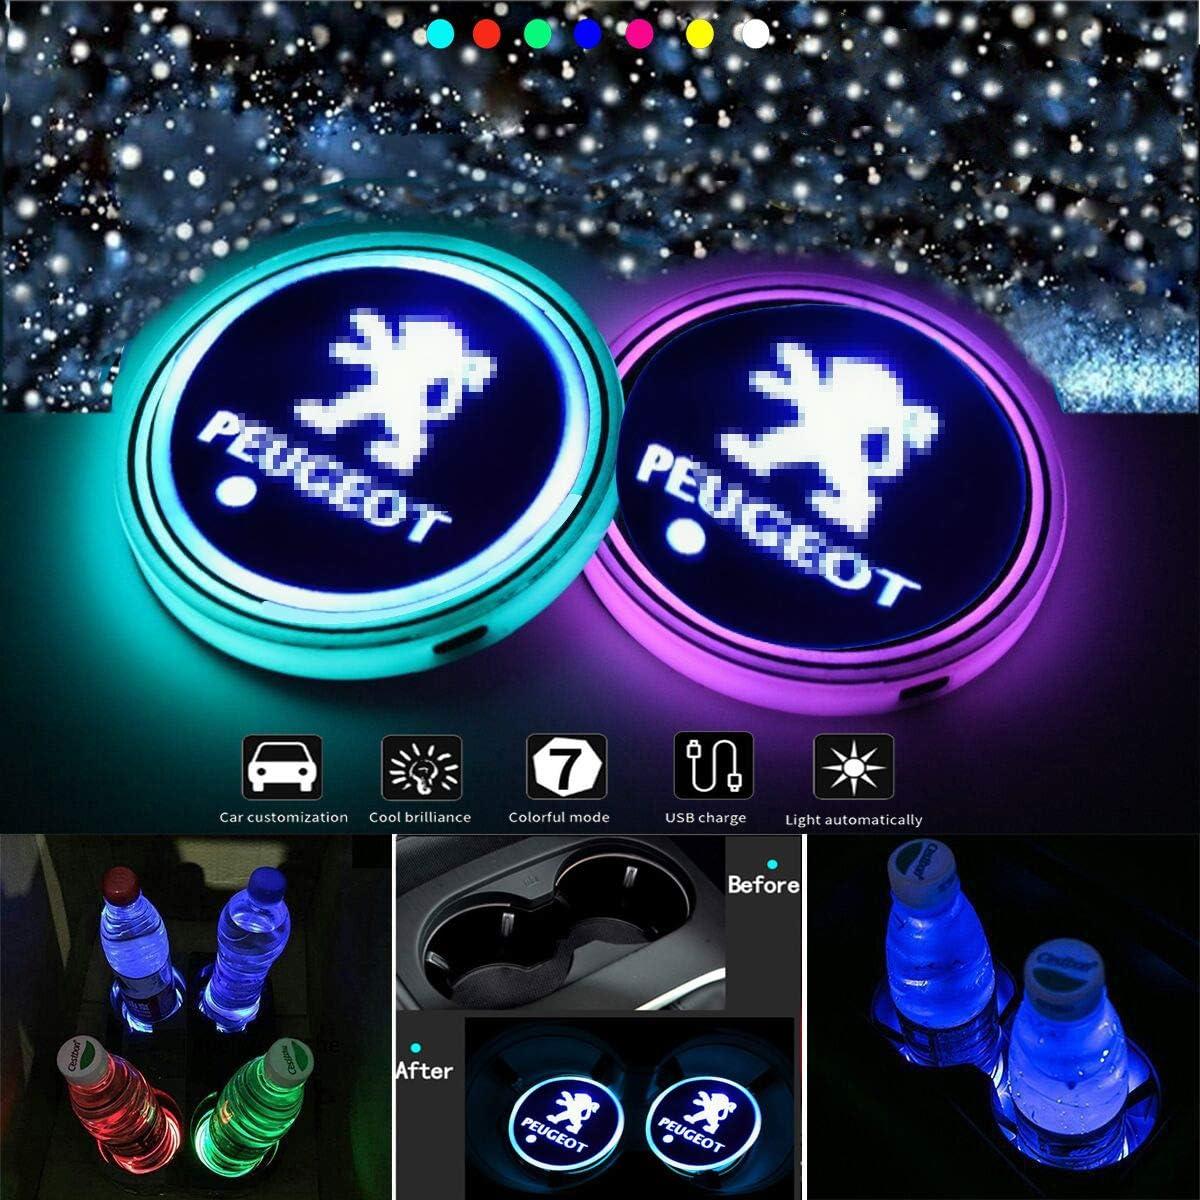 VILLSION Porte-gobelet LED Voiture Porte-Tasse /étanche 7 Couleurs USB l/éger Chargeur Porte-Boisson pour Voiture LED d/écoration int/érieure lumi/ère Lampe atmosph/ère